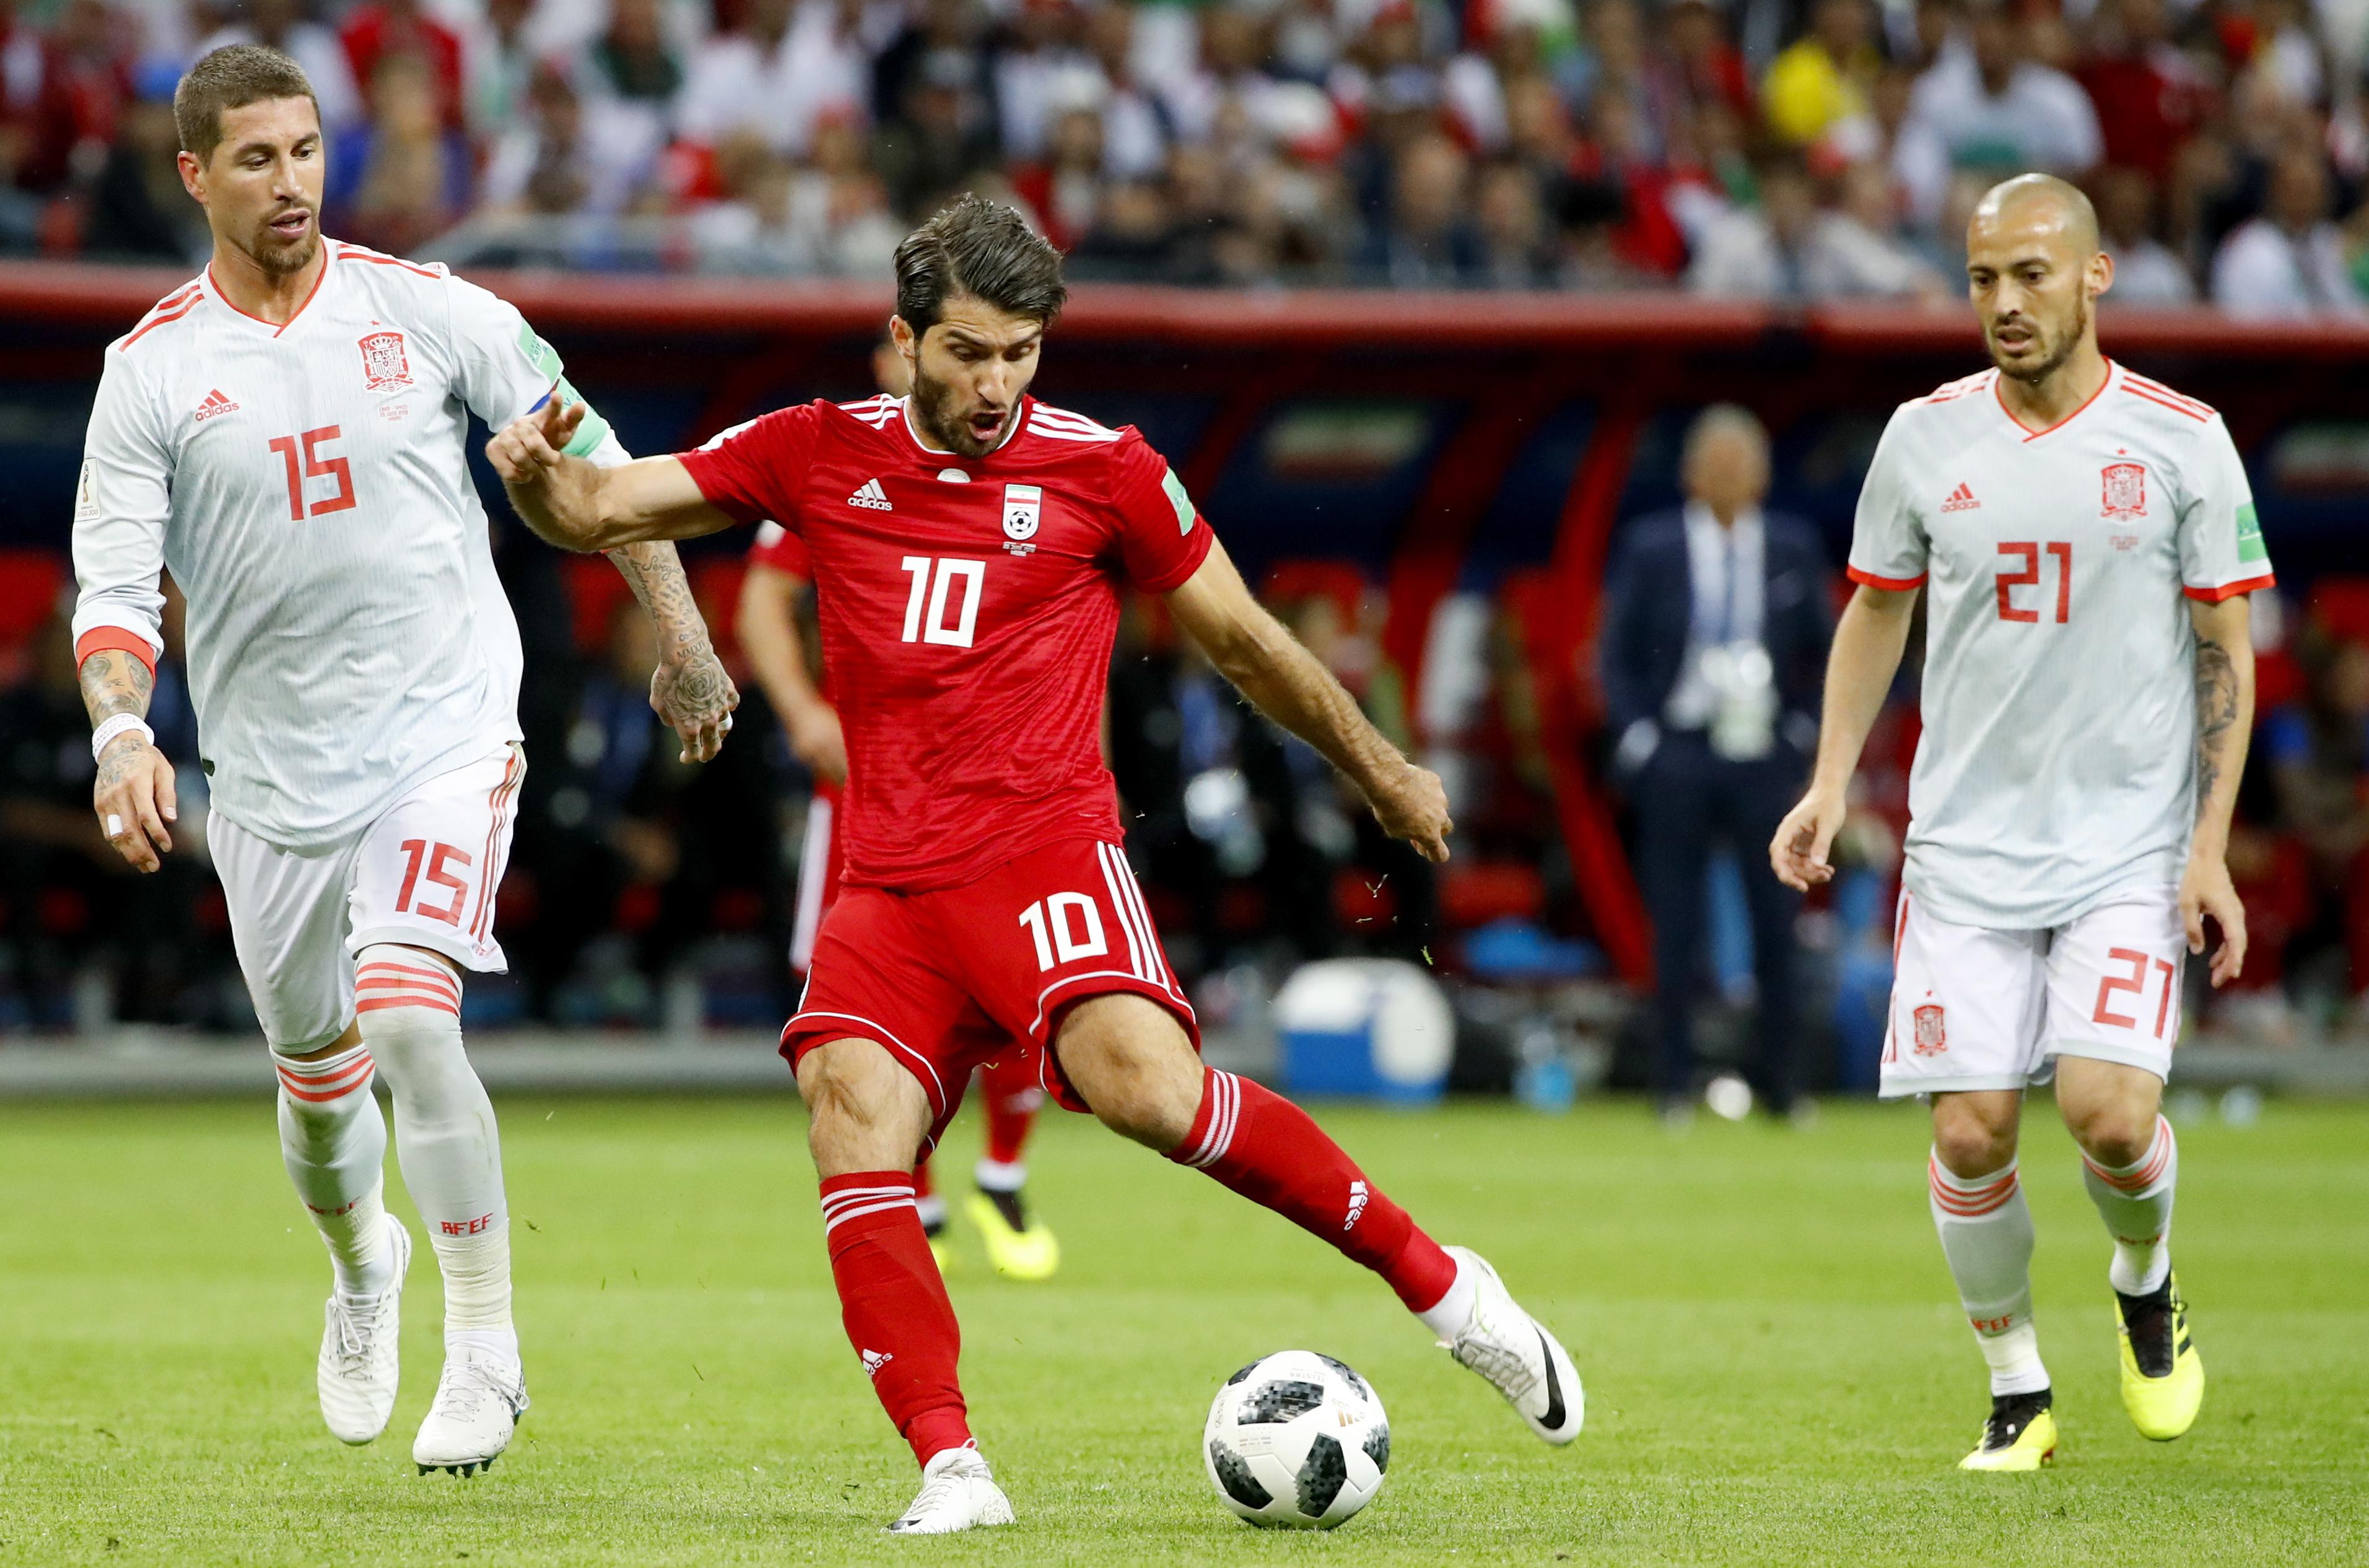 Mundial2018: Espanha bate Irão, com golo de Diego Costa